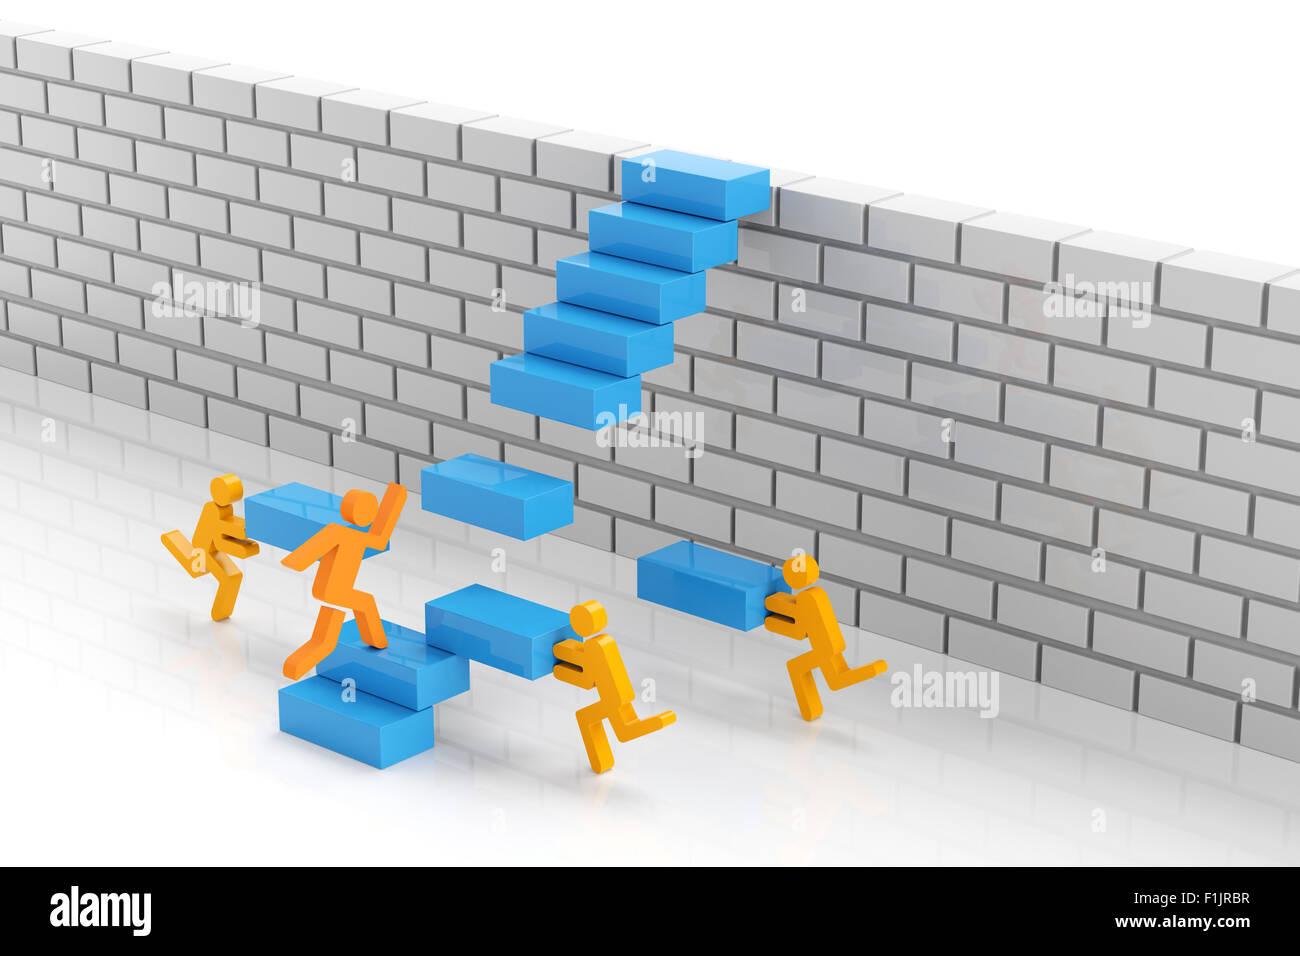 Le travail d'équipe pour surmonter les obstacle Banque D'Images